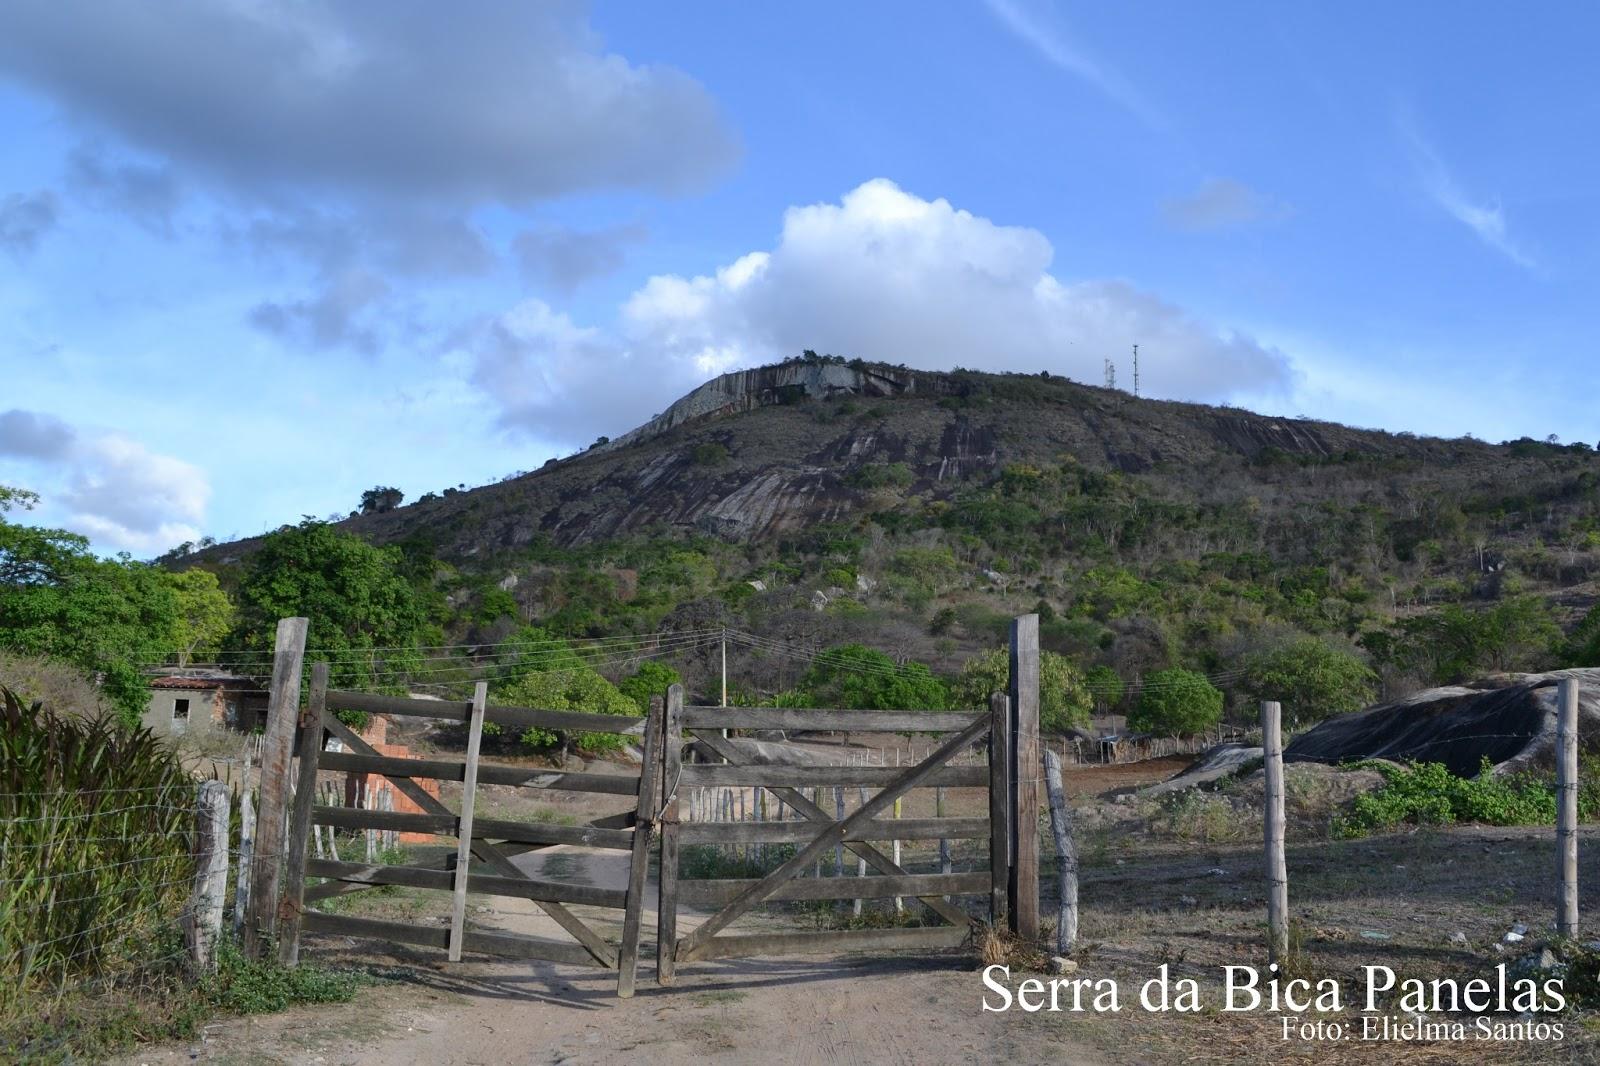 Governo prometeu iniciar o reflorestamento da Serra da Bica em Panelas-PE